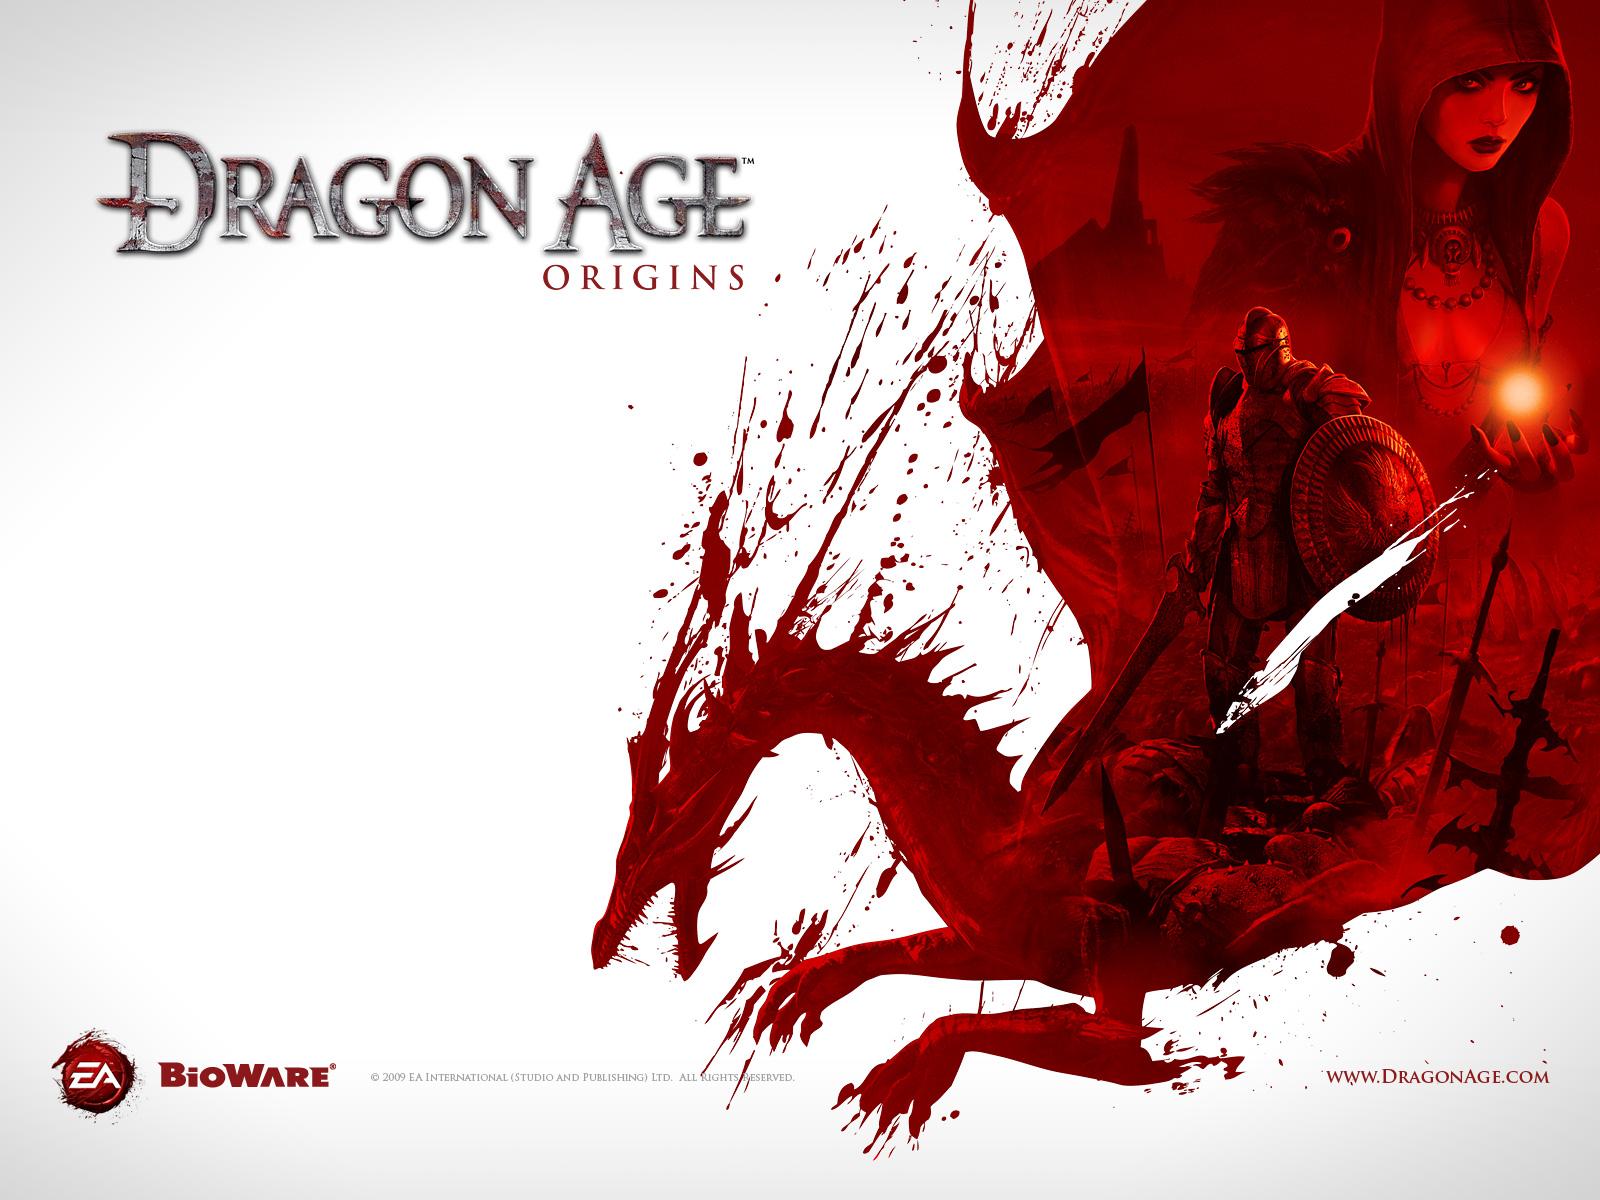 Просмотров 18. Dragon Age Origins патч 1.04. Патч ставится на